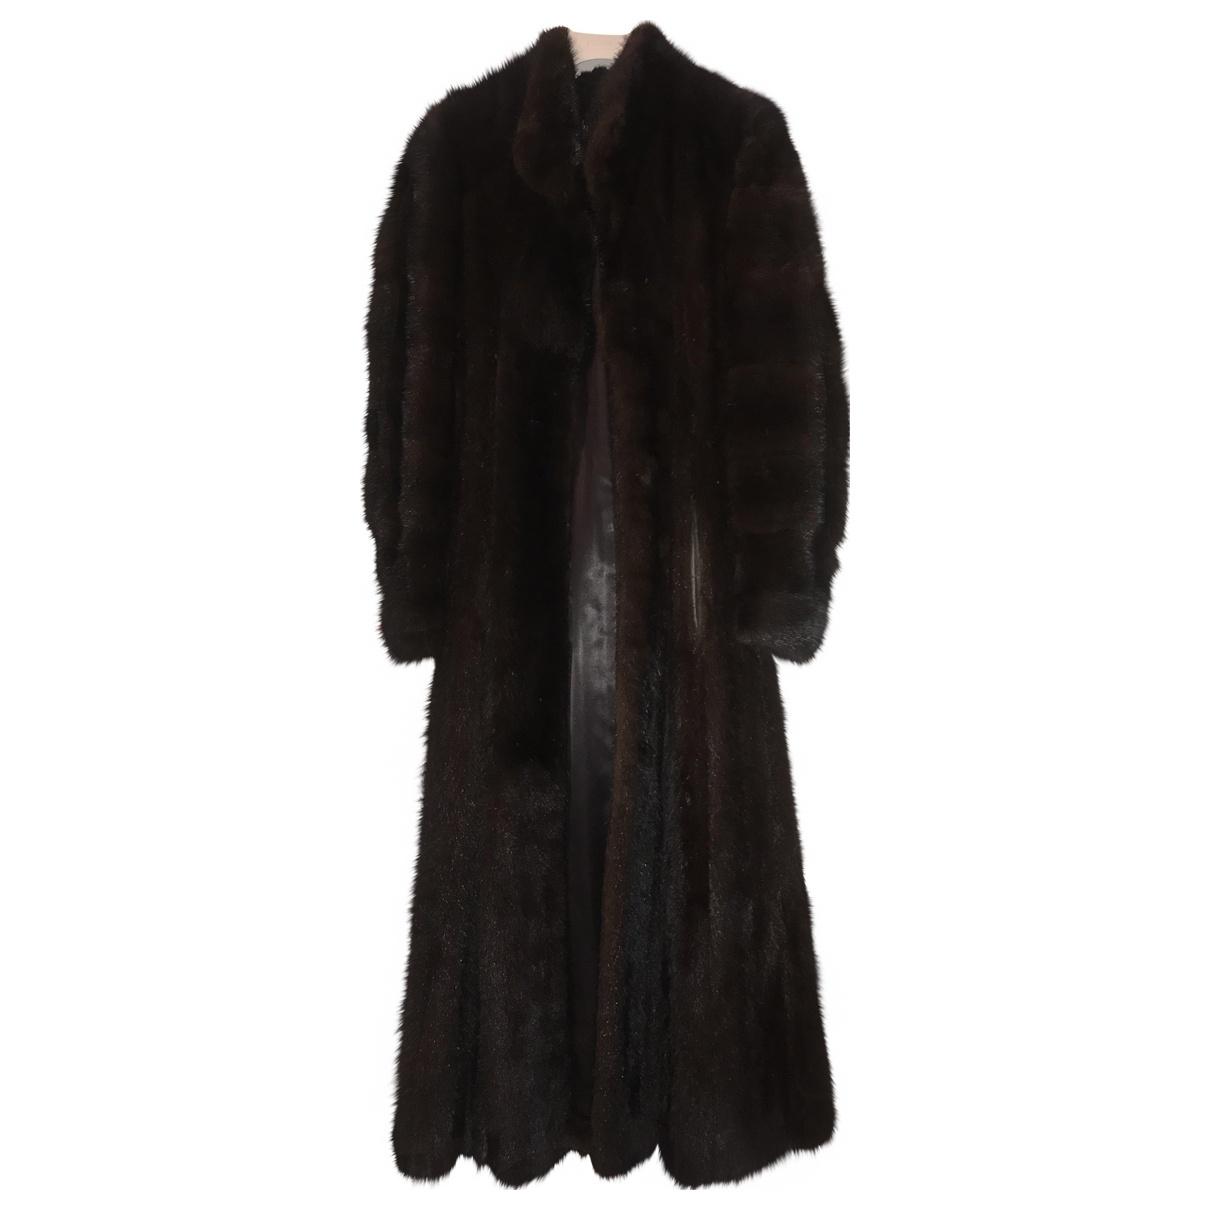 Dior - Manteau   pour femme en fourrure - marron